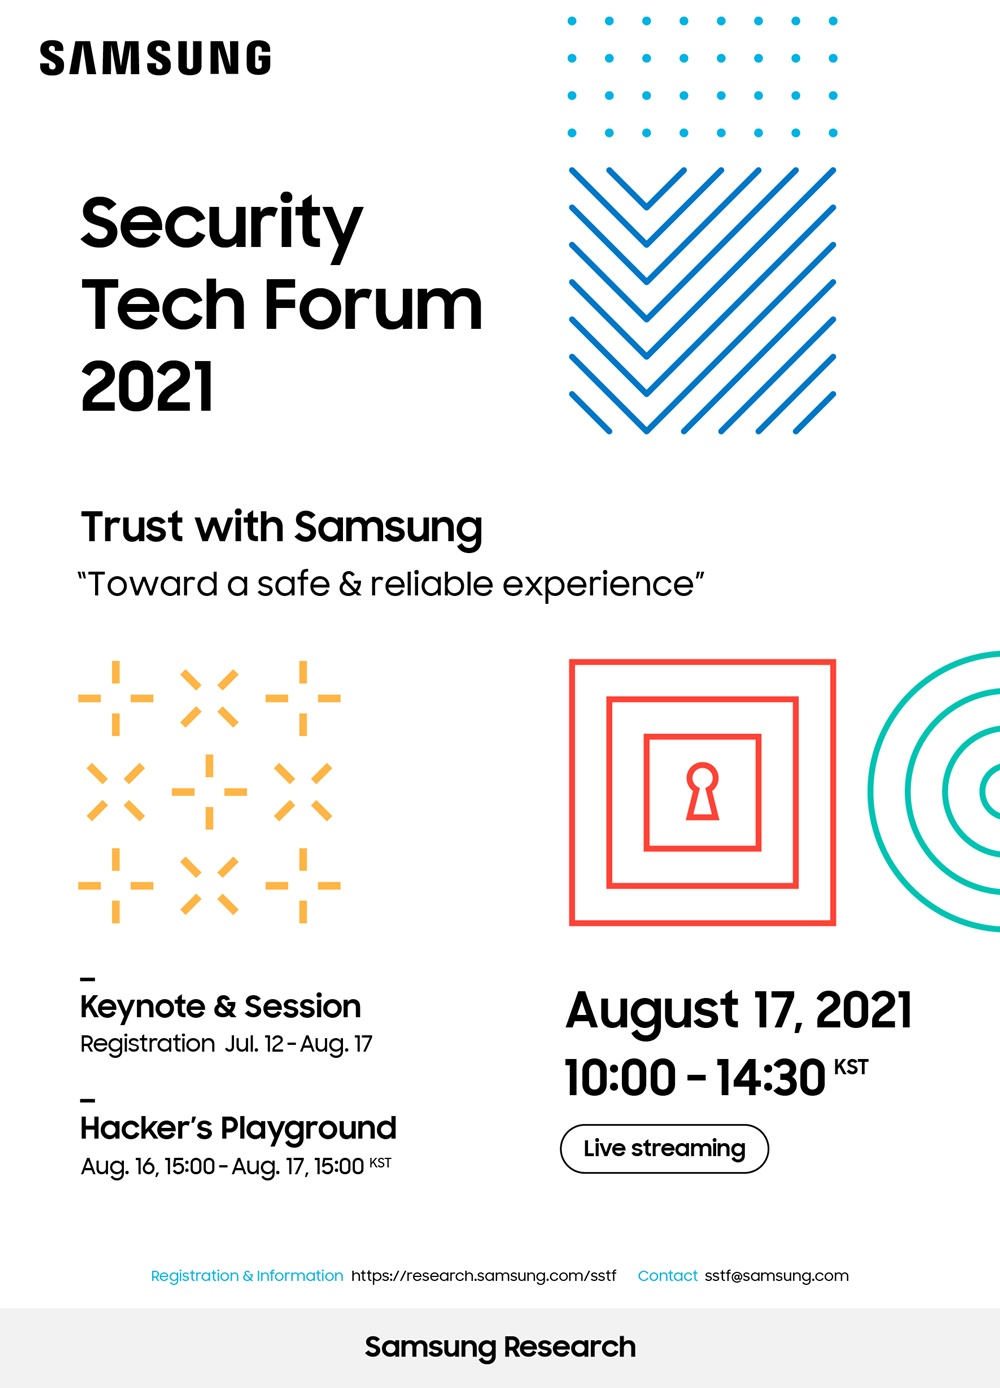 1. 삼성보안기술포럼 2021 포스터(화이트)